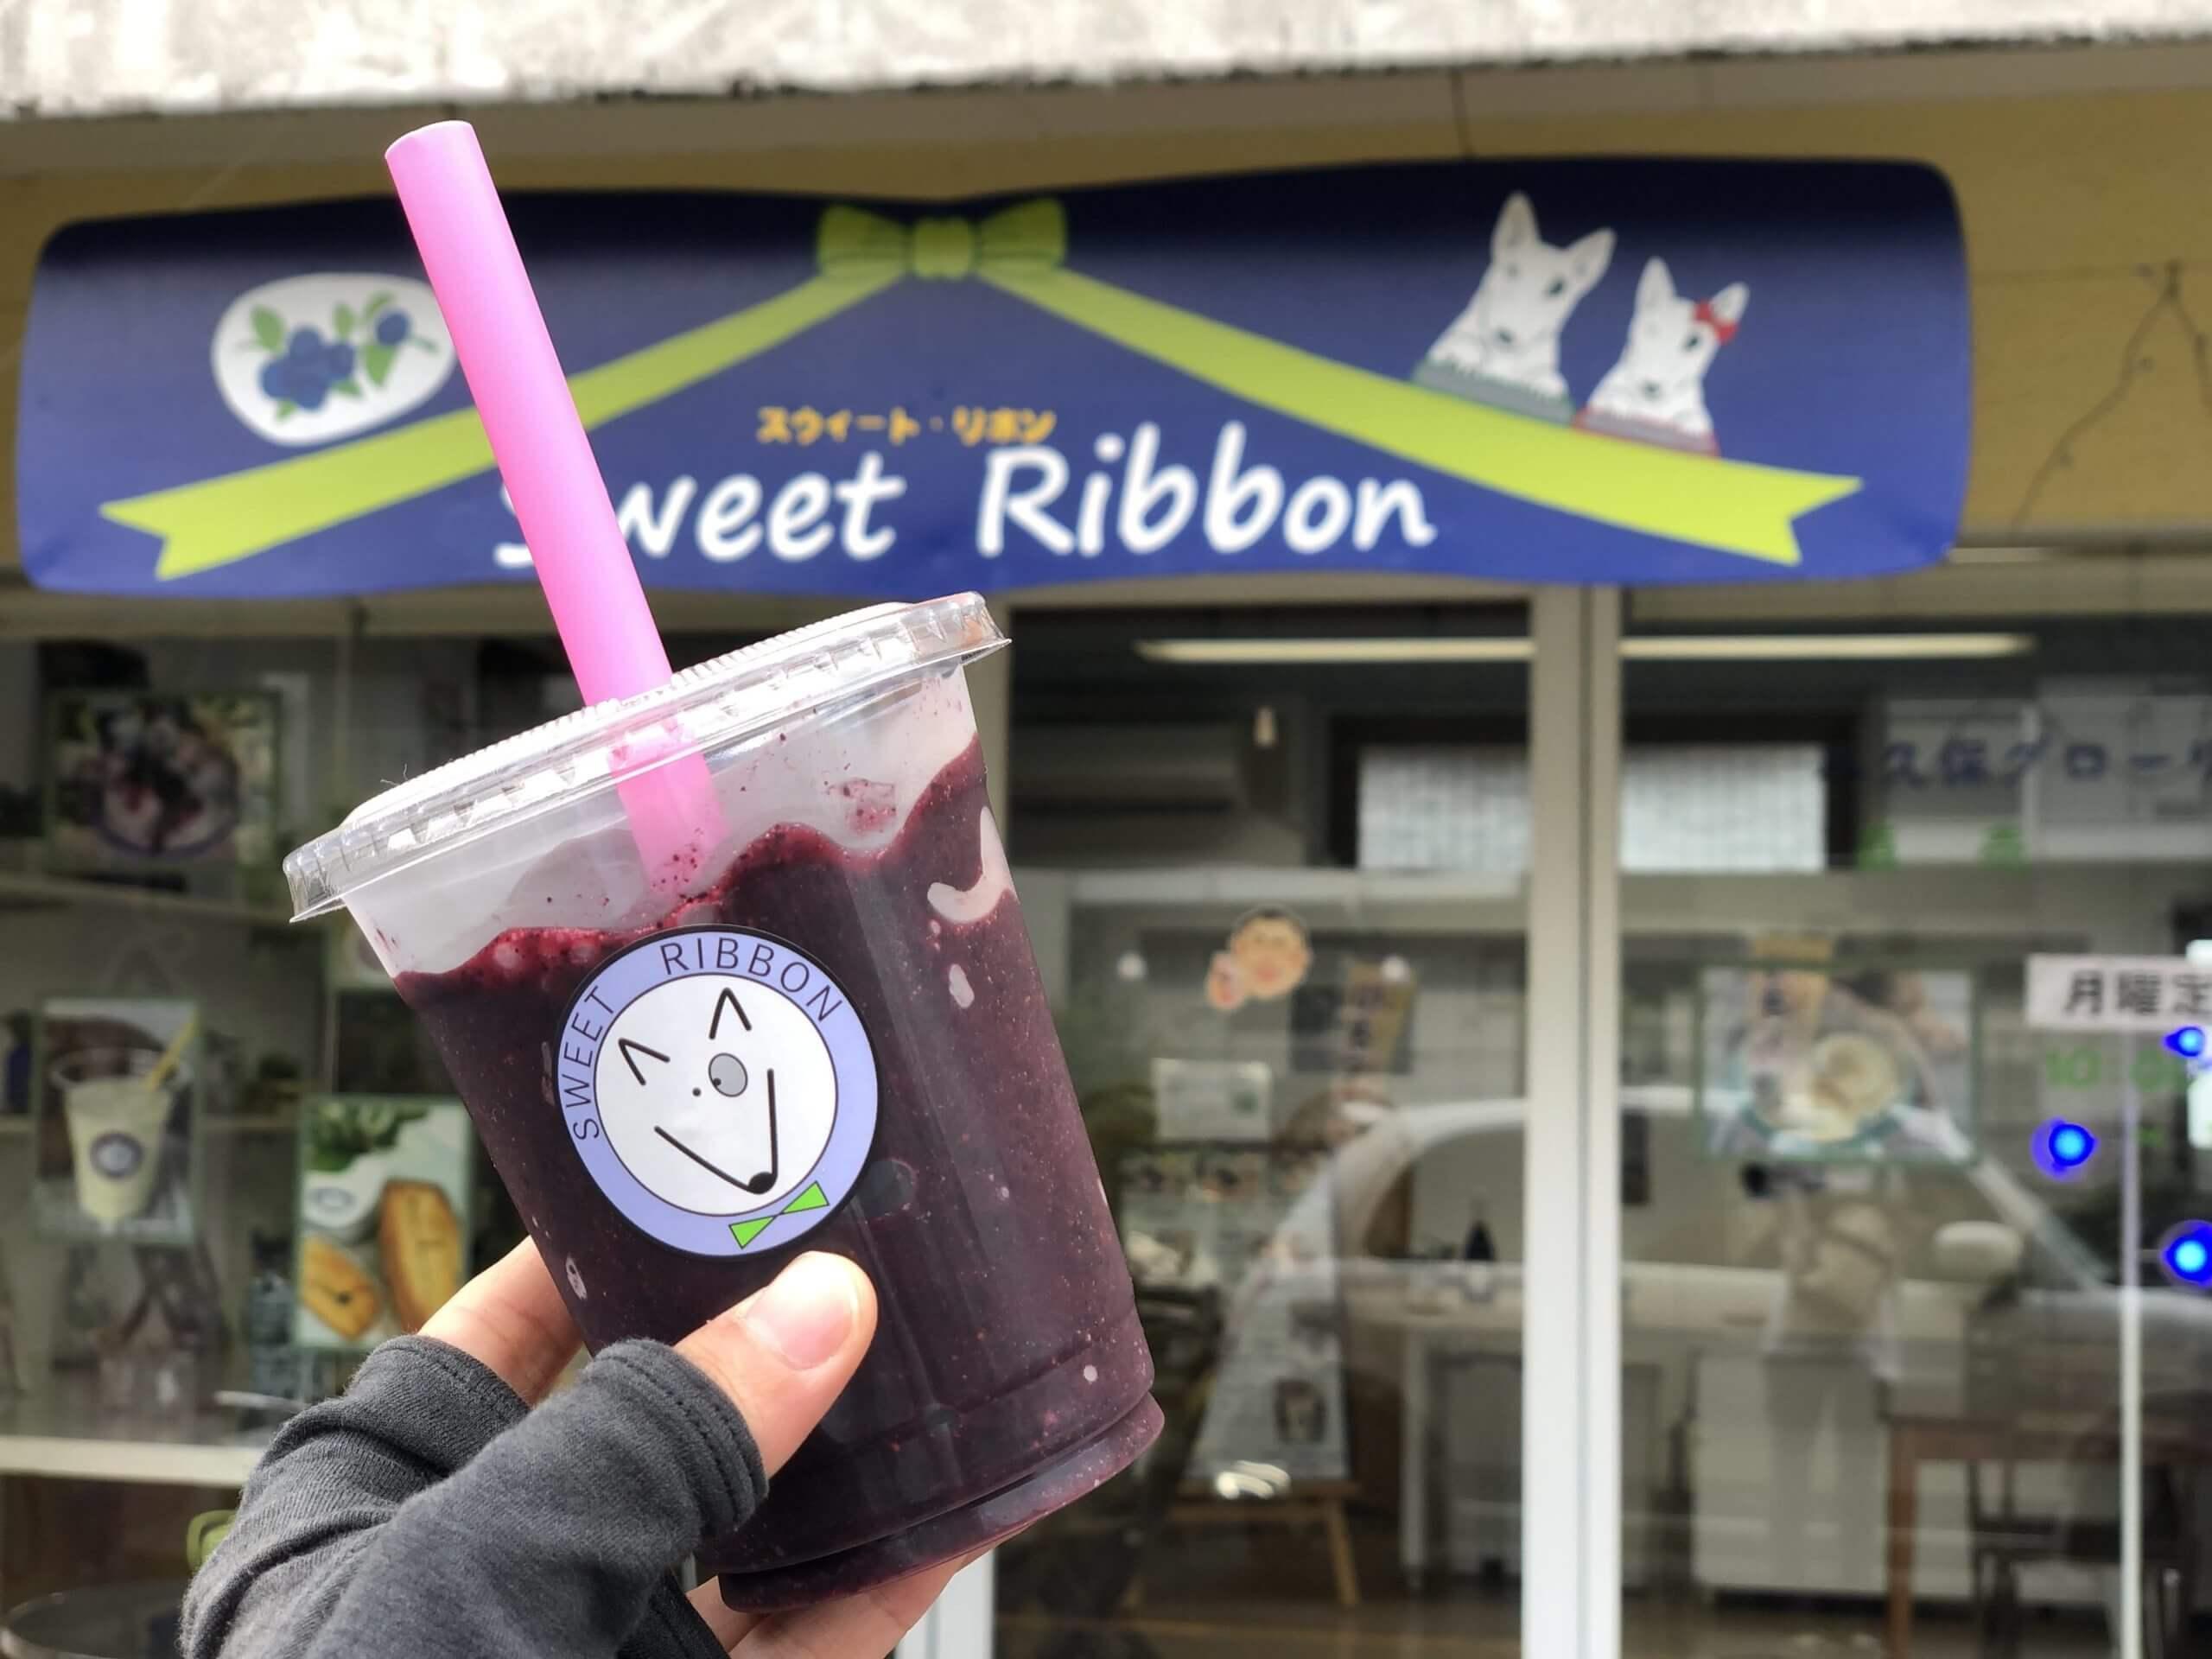 【Sweet Ribbon】ブルーベリー100%!体に優しいスムージードリンク《菊池郡菊陽町武蔵ヶ丘》